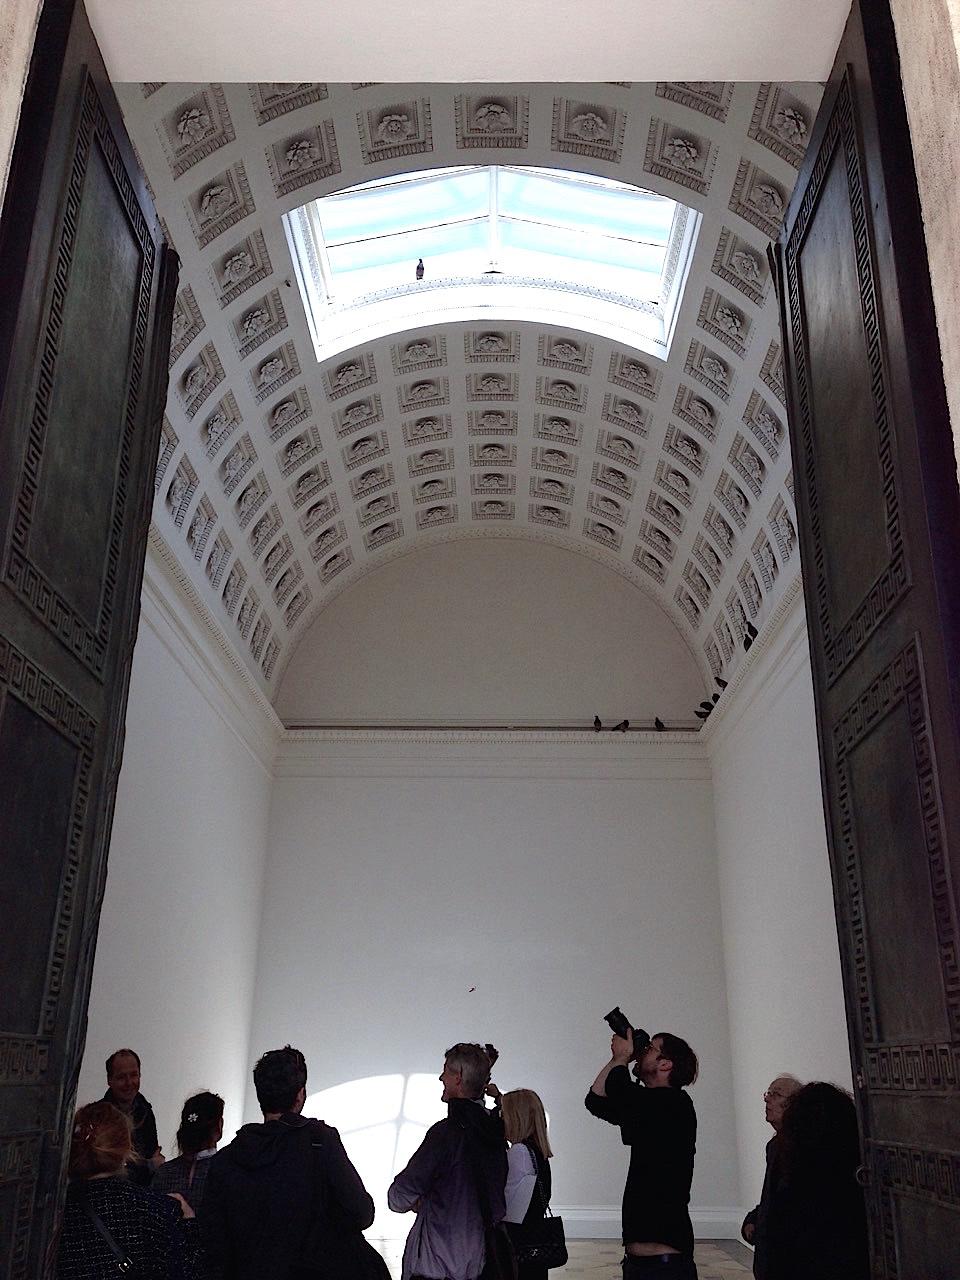 Maurizio Cattelan, Installazione nel Theseustempel (2019, dettaglio), da Turisti (1997), Collezione Prada, Milano